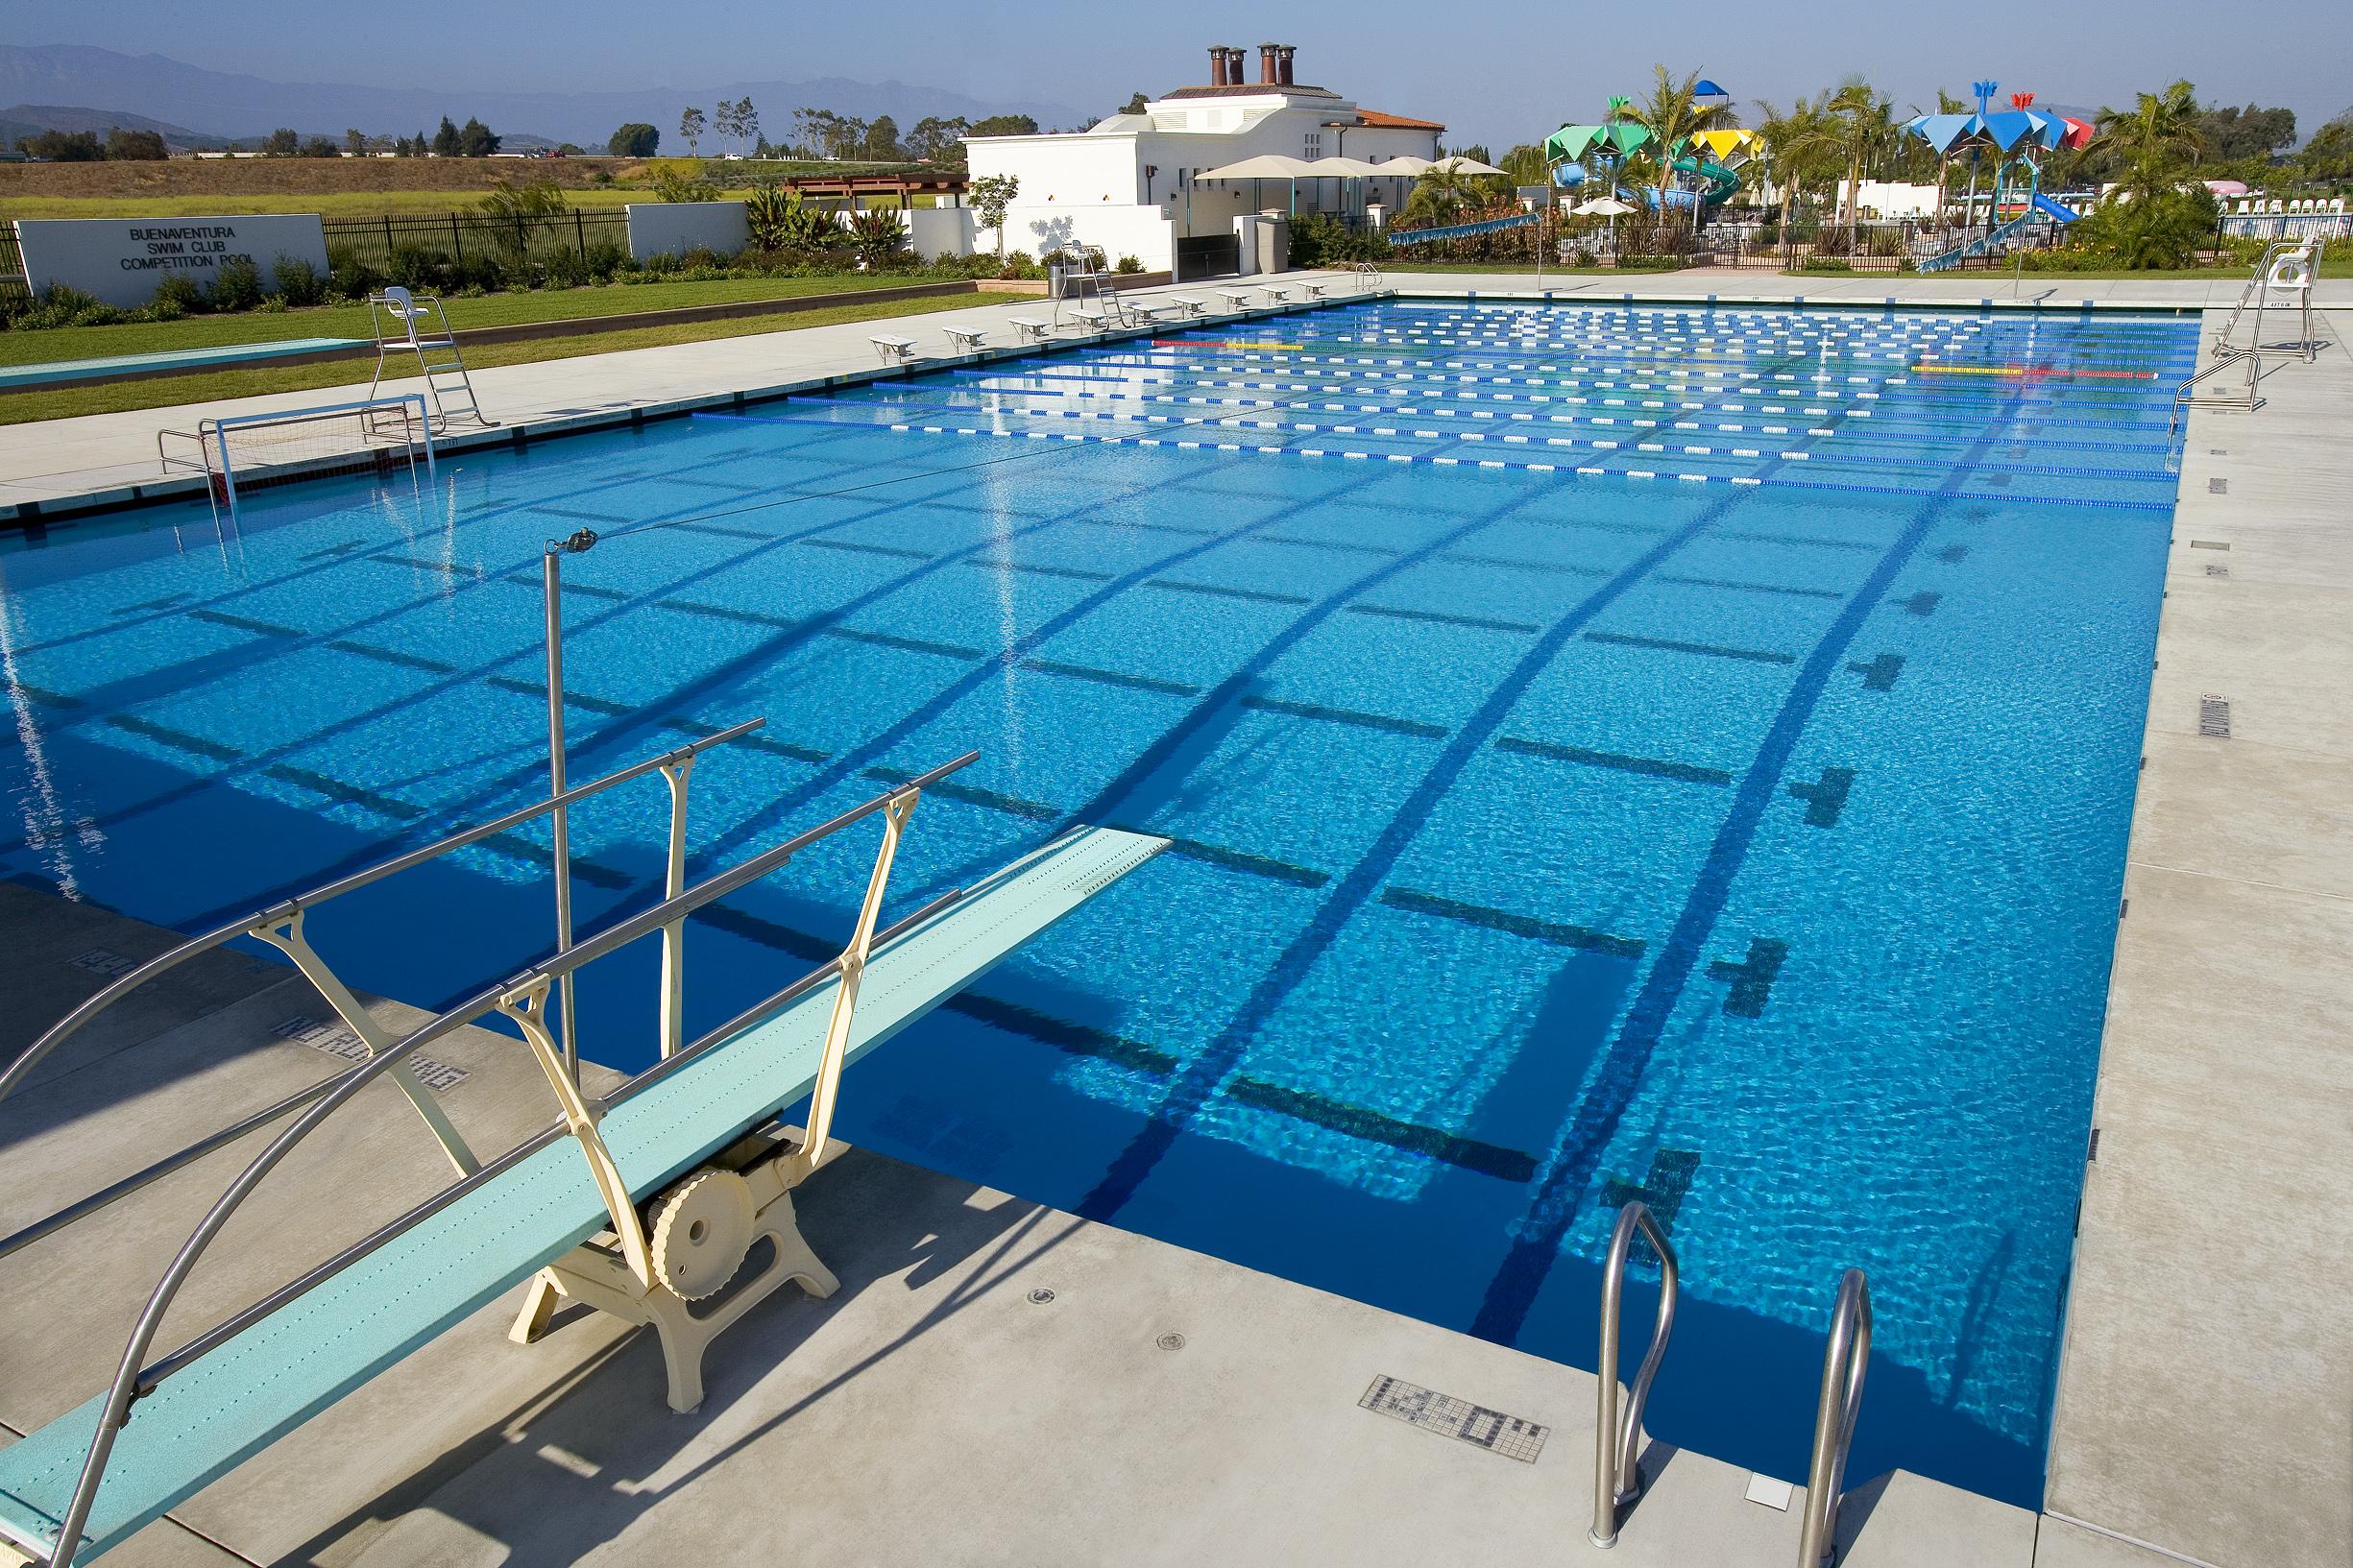 Ventura Community Park Aquatic Center, Ventura, California